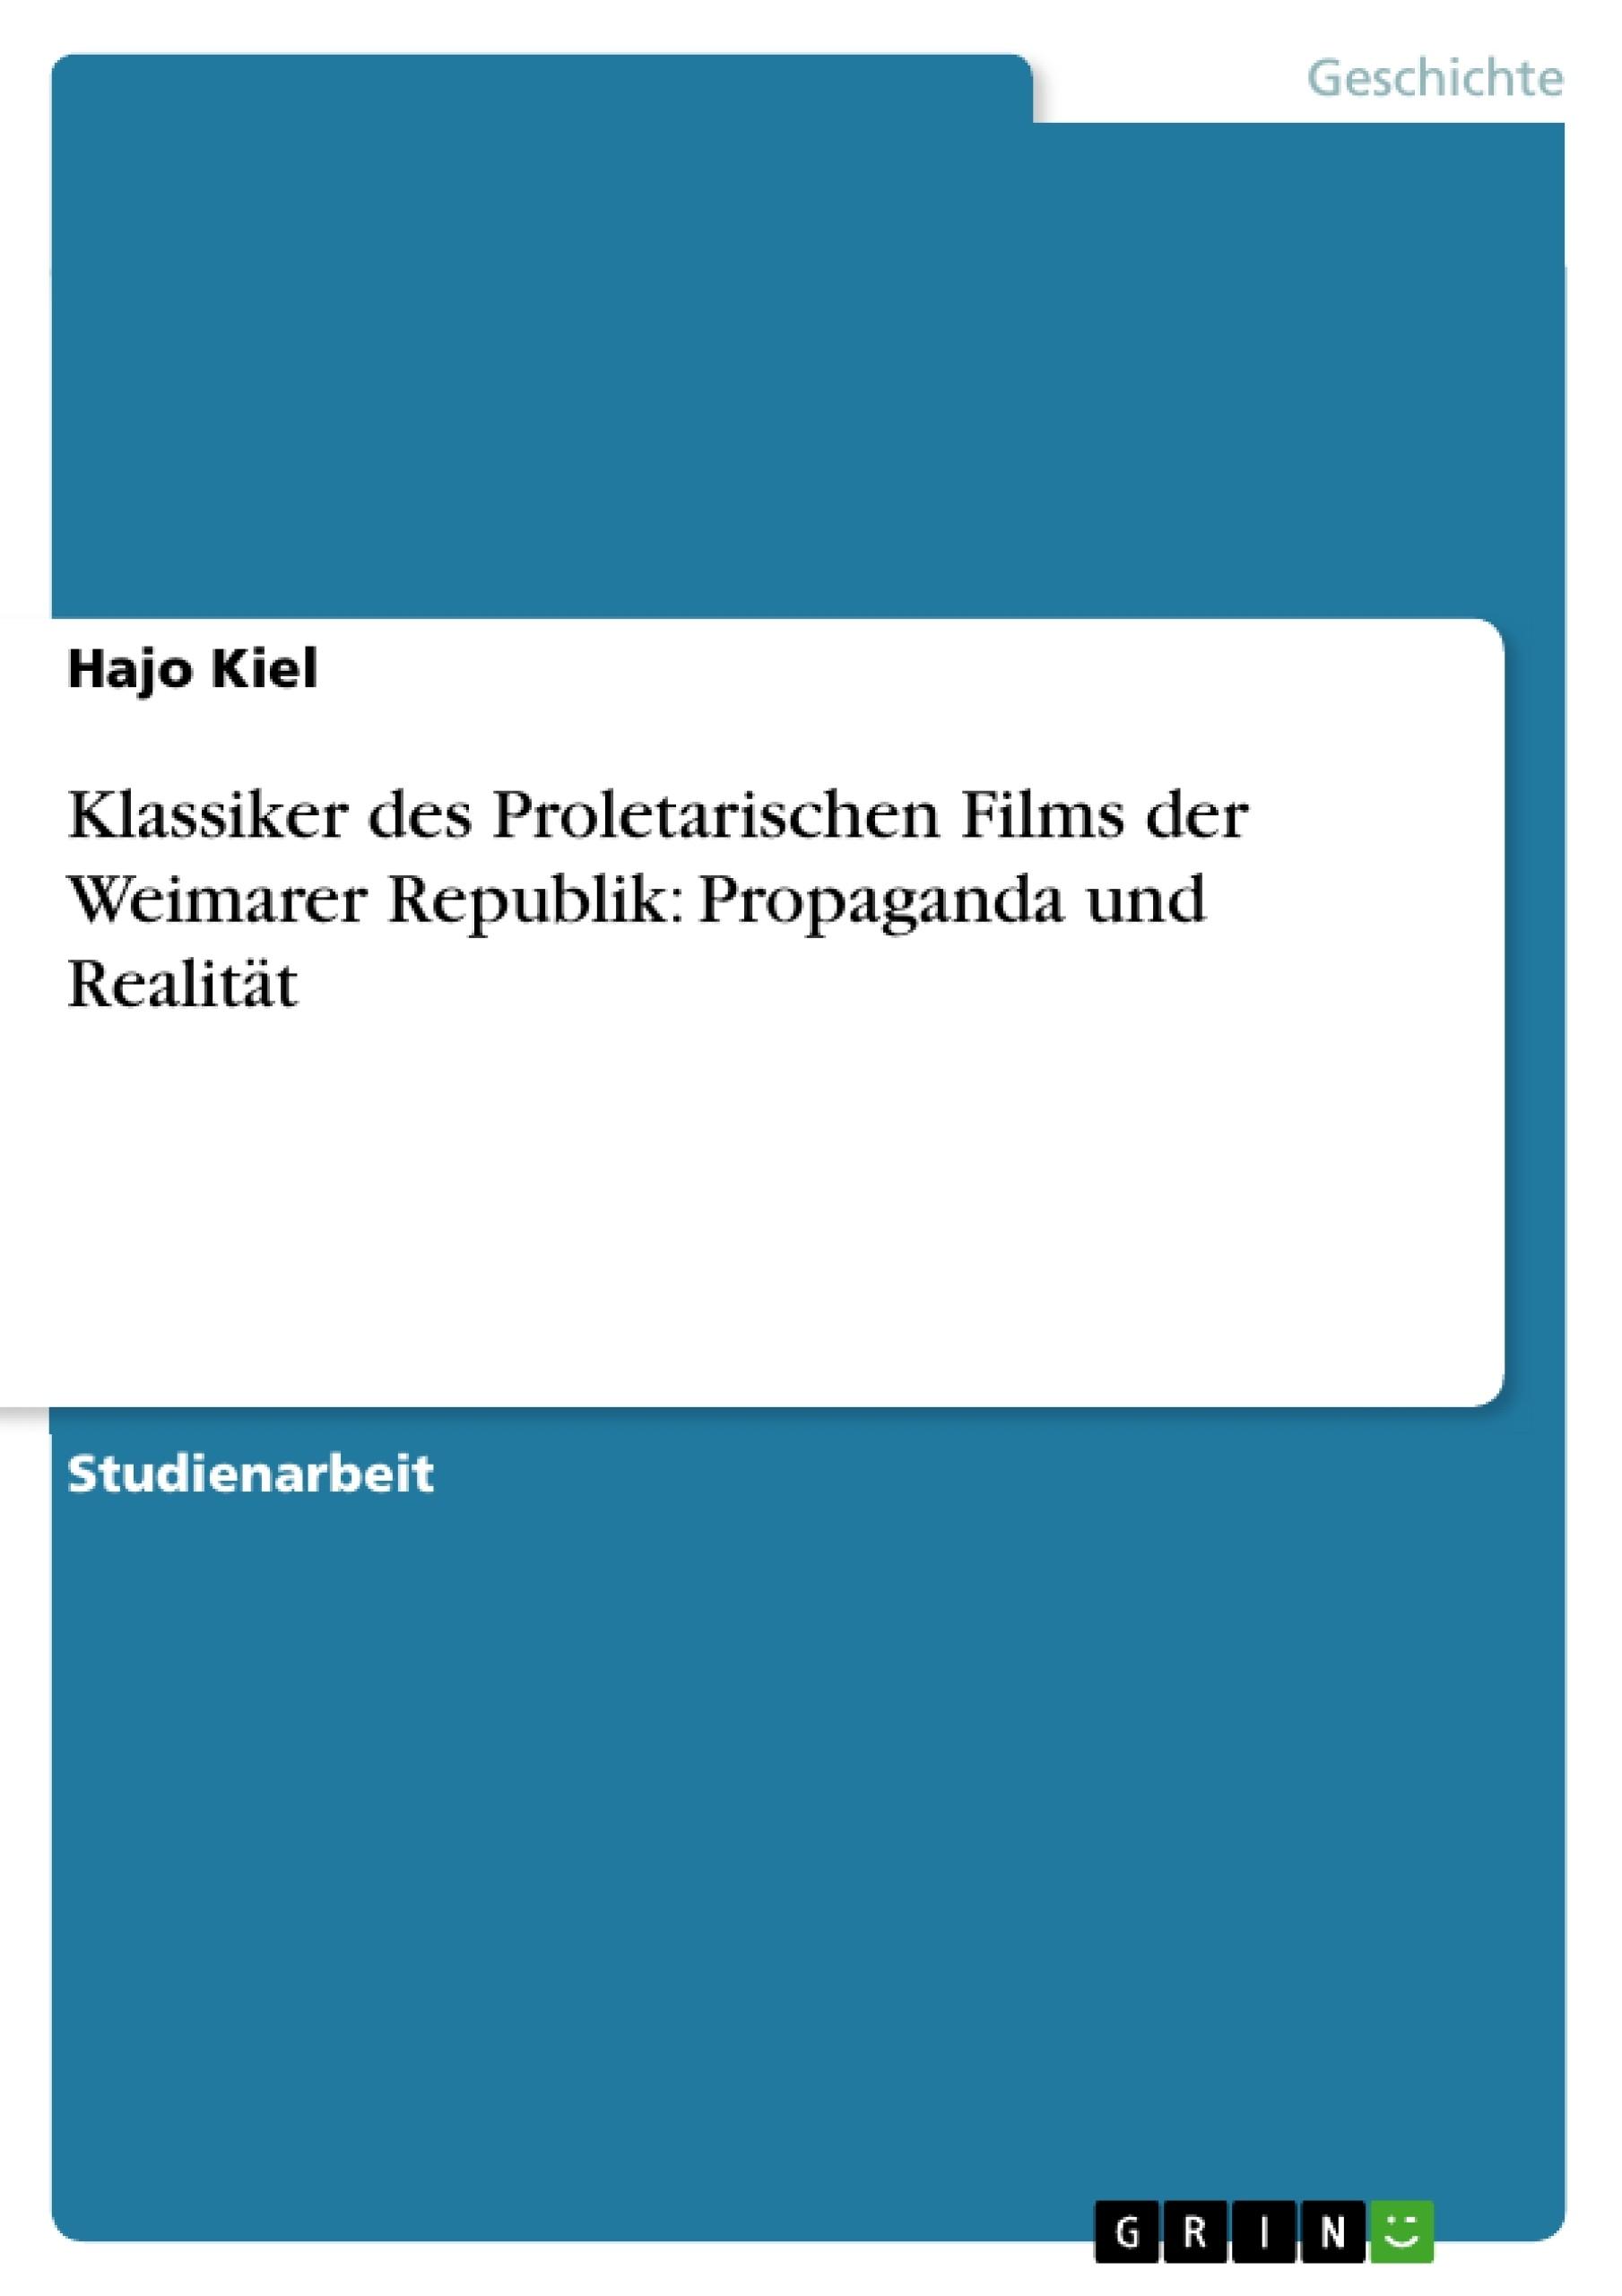 Titel: Klassiker des Proletarischen Films der Weimarer Republik: Propaganda und Realität